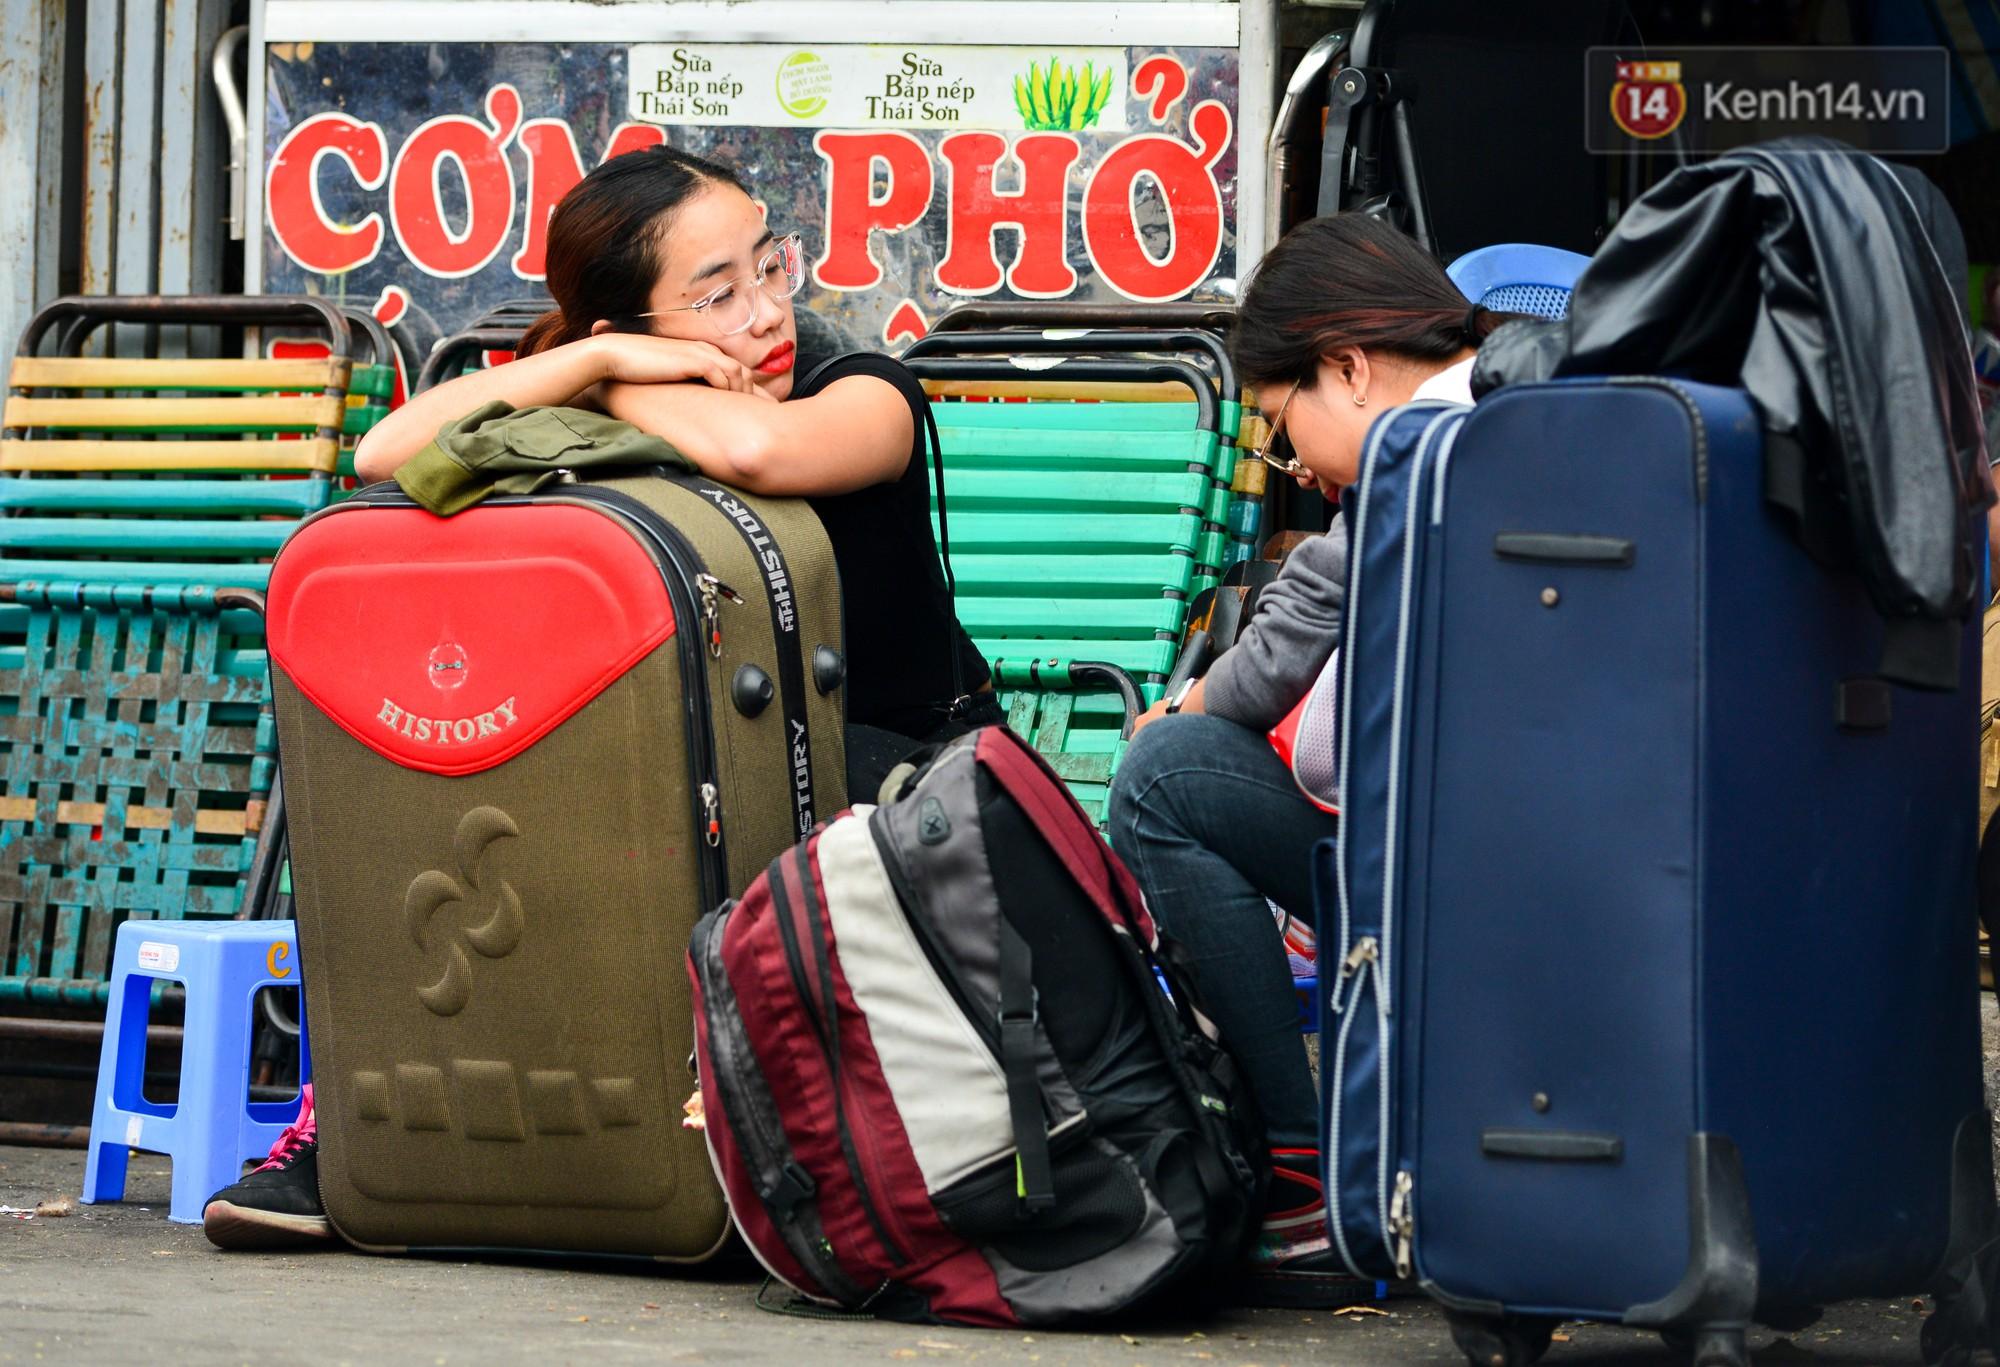 Chùm ảnh: Những giấc ngủ gà gật của người dân chờ xe về quê nghỉ Tết khiến nhiều người nhìn thôi cũng thấy mệt - Ảnh 14.